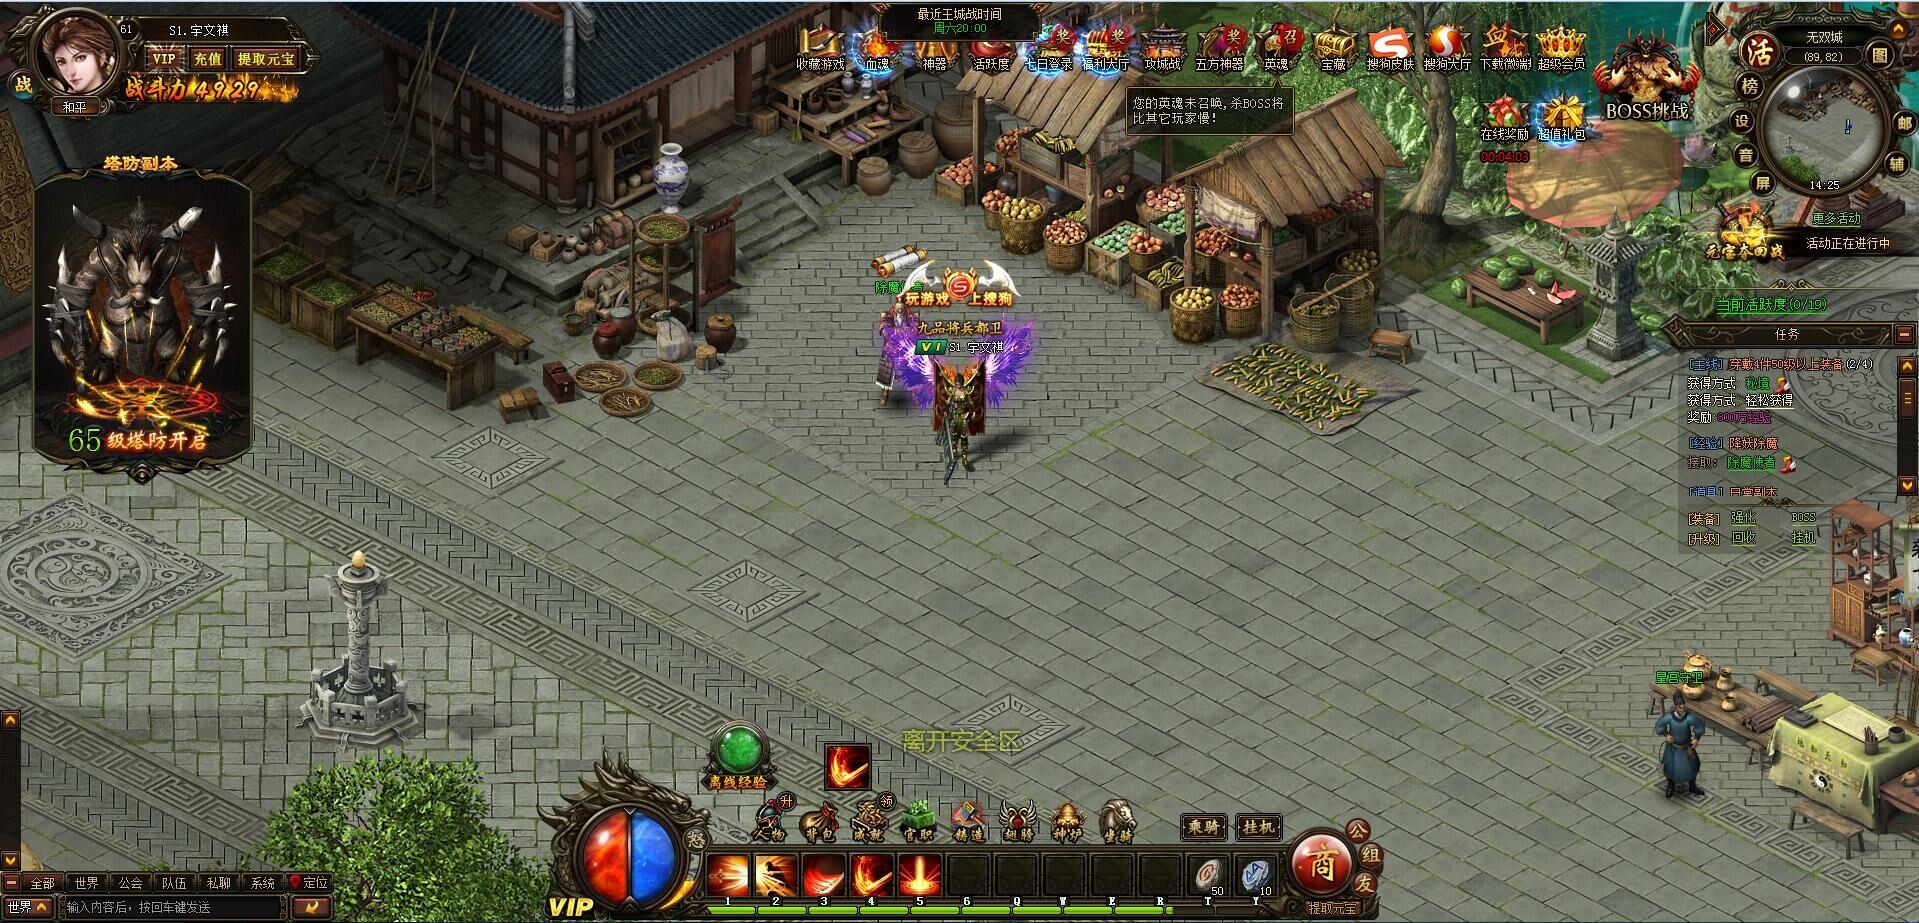 天神战游戏截图1